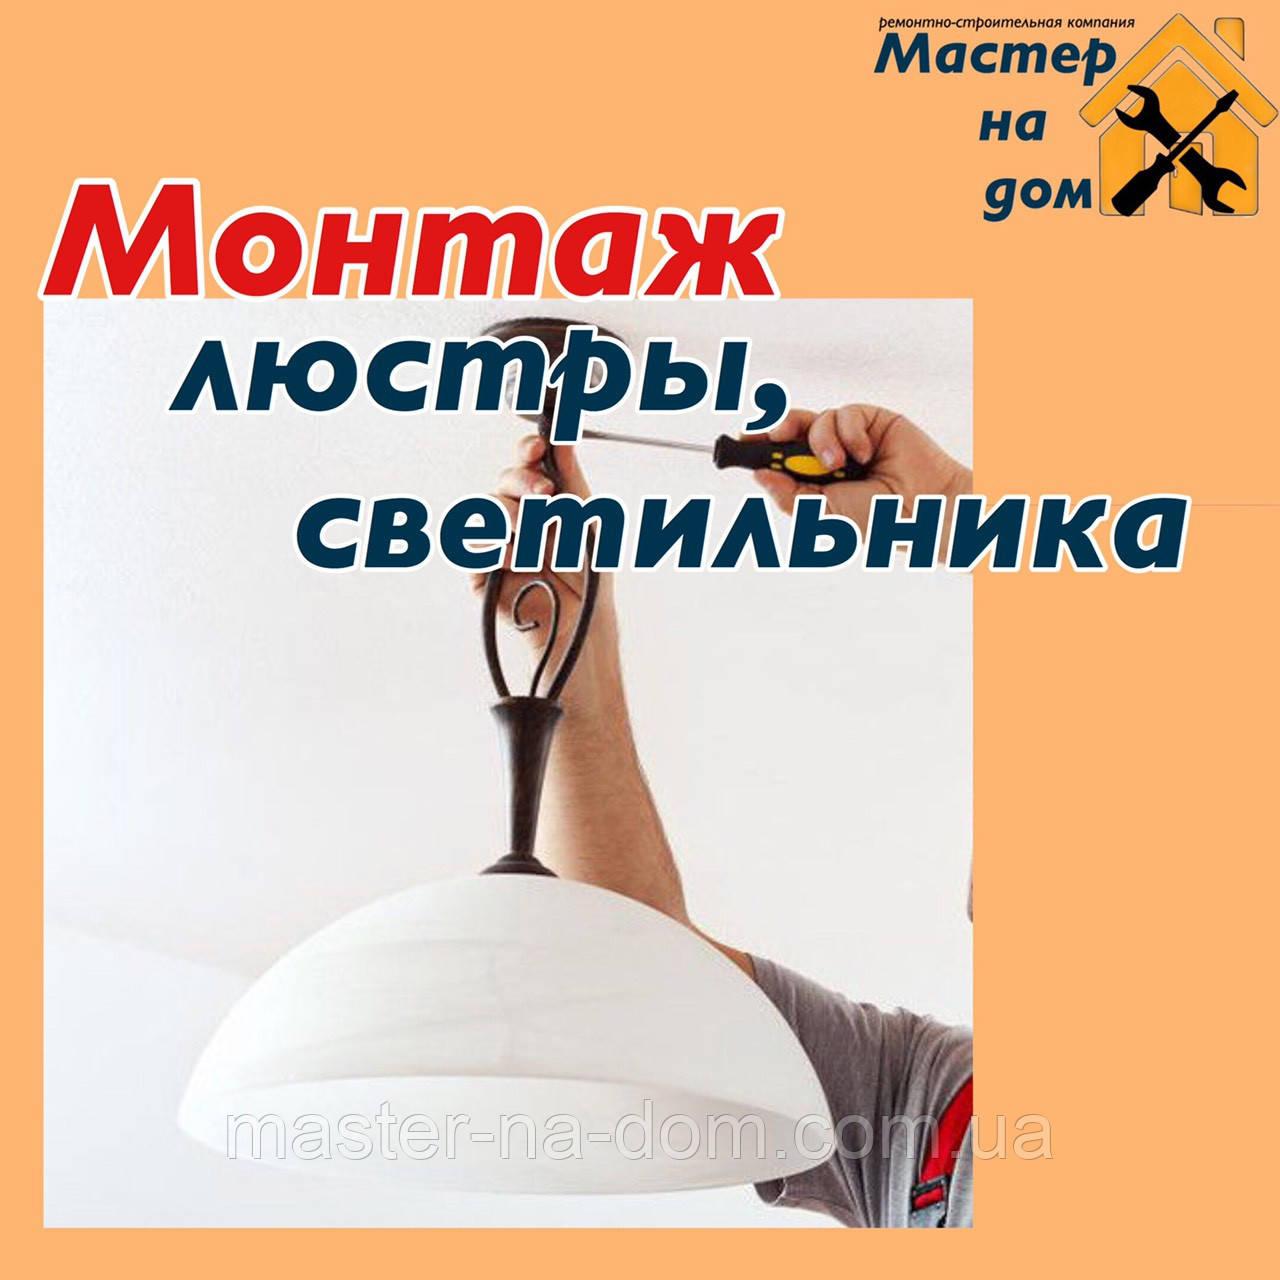 Монтаж люстры, бра, светильника во Львове, фото 1